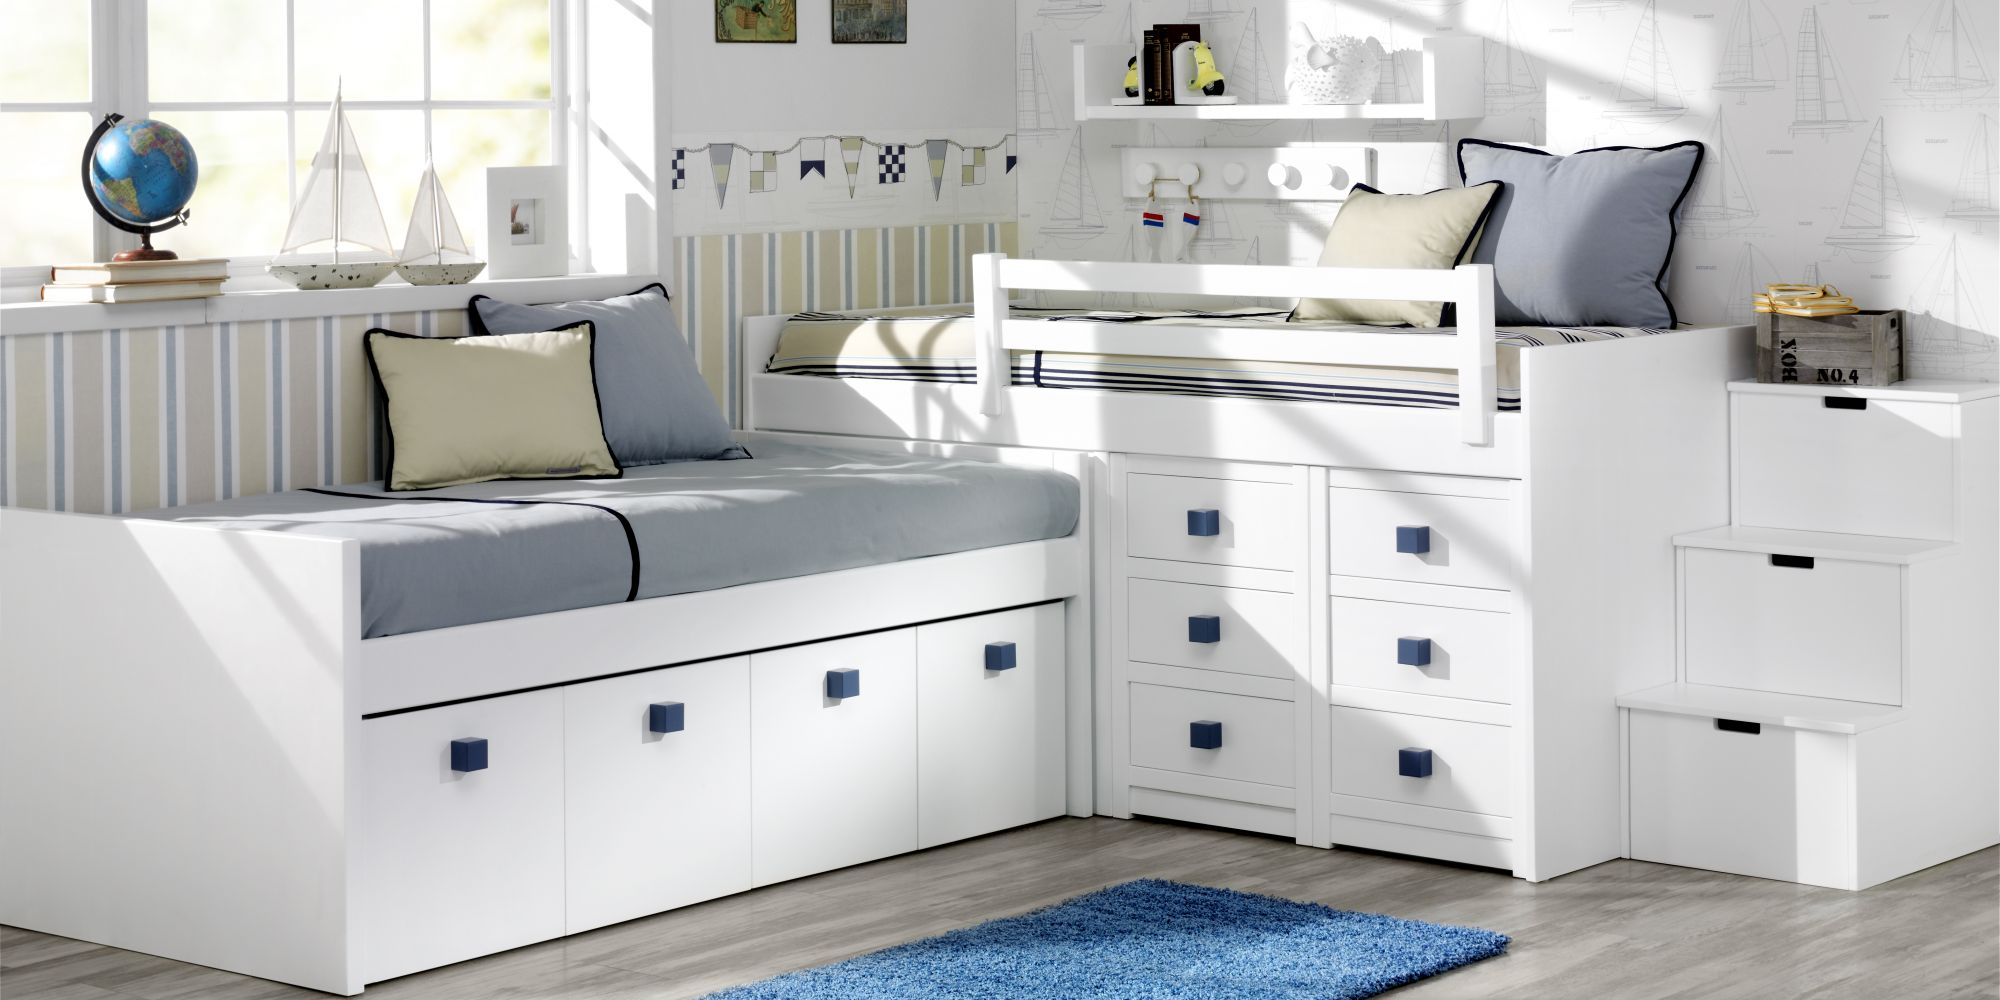 Estructura de dos camas con cajones inferiores de gran capacidad